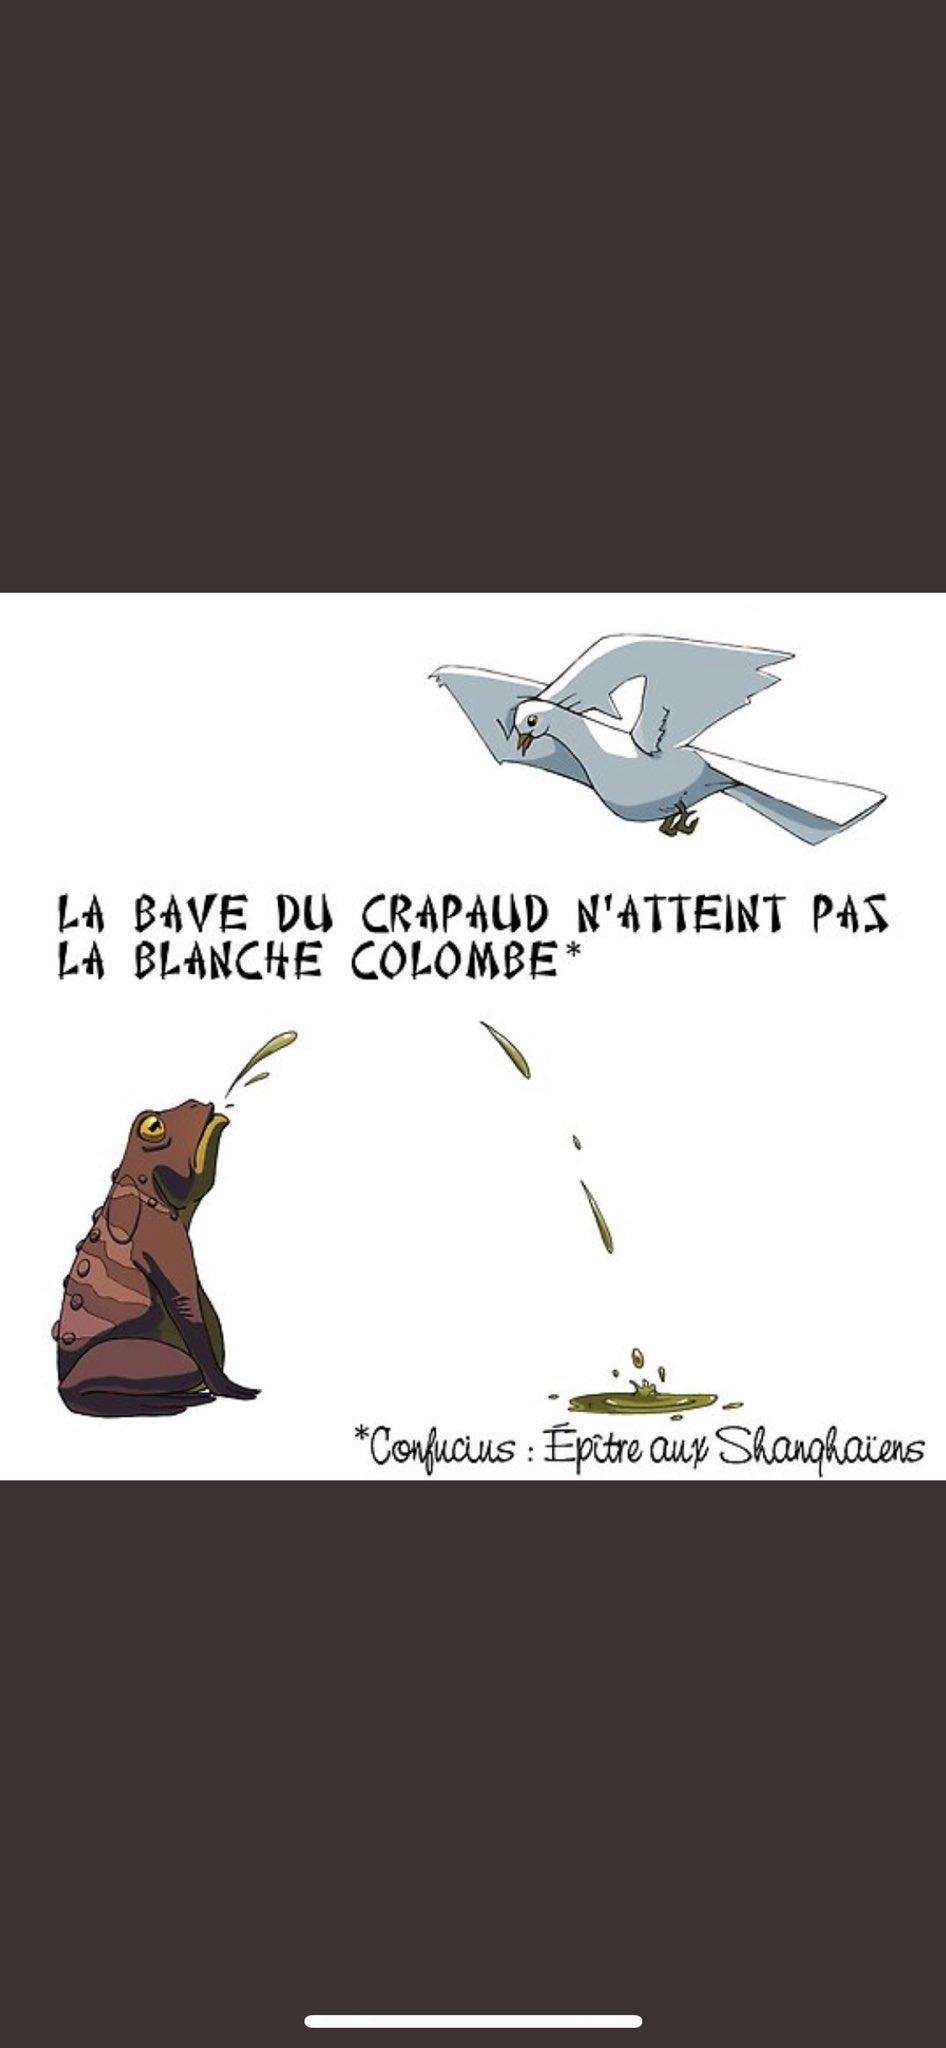 La Bave Du Crapaud N'atteint Pas La Blanche Colombe : crapaud, n'atteint, blanche, colombe, Twitter: